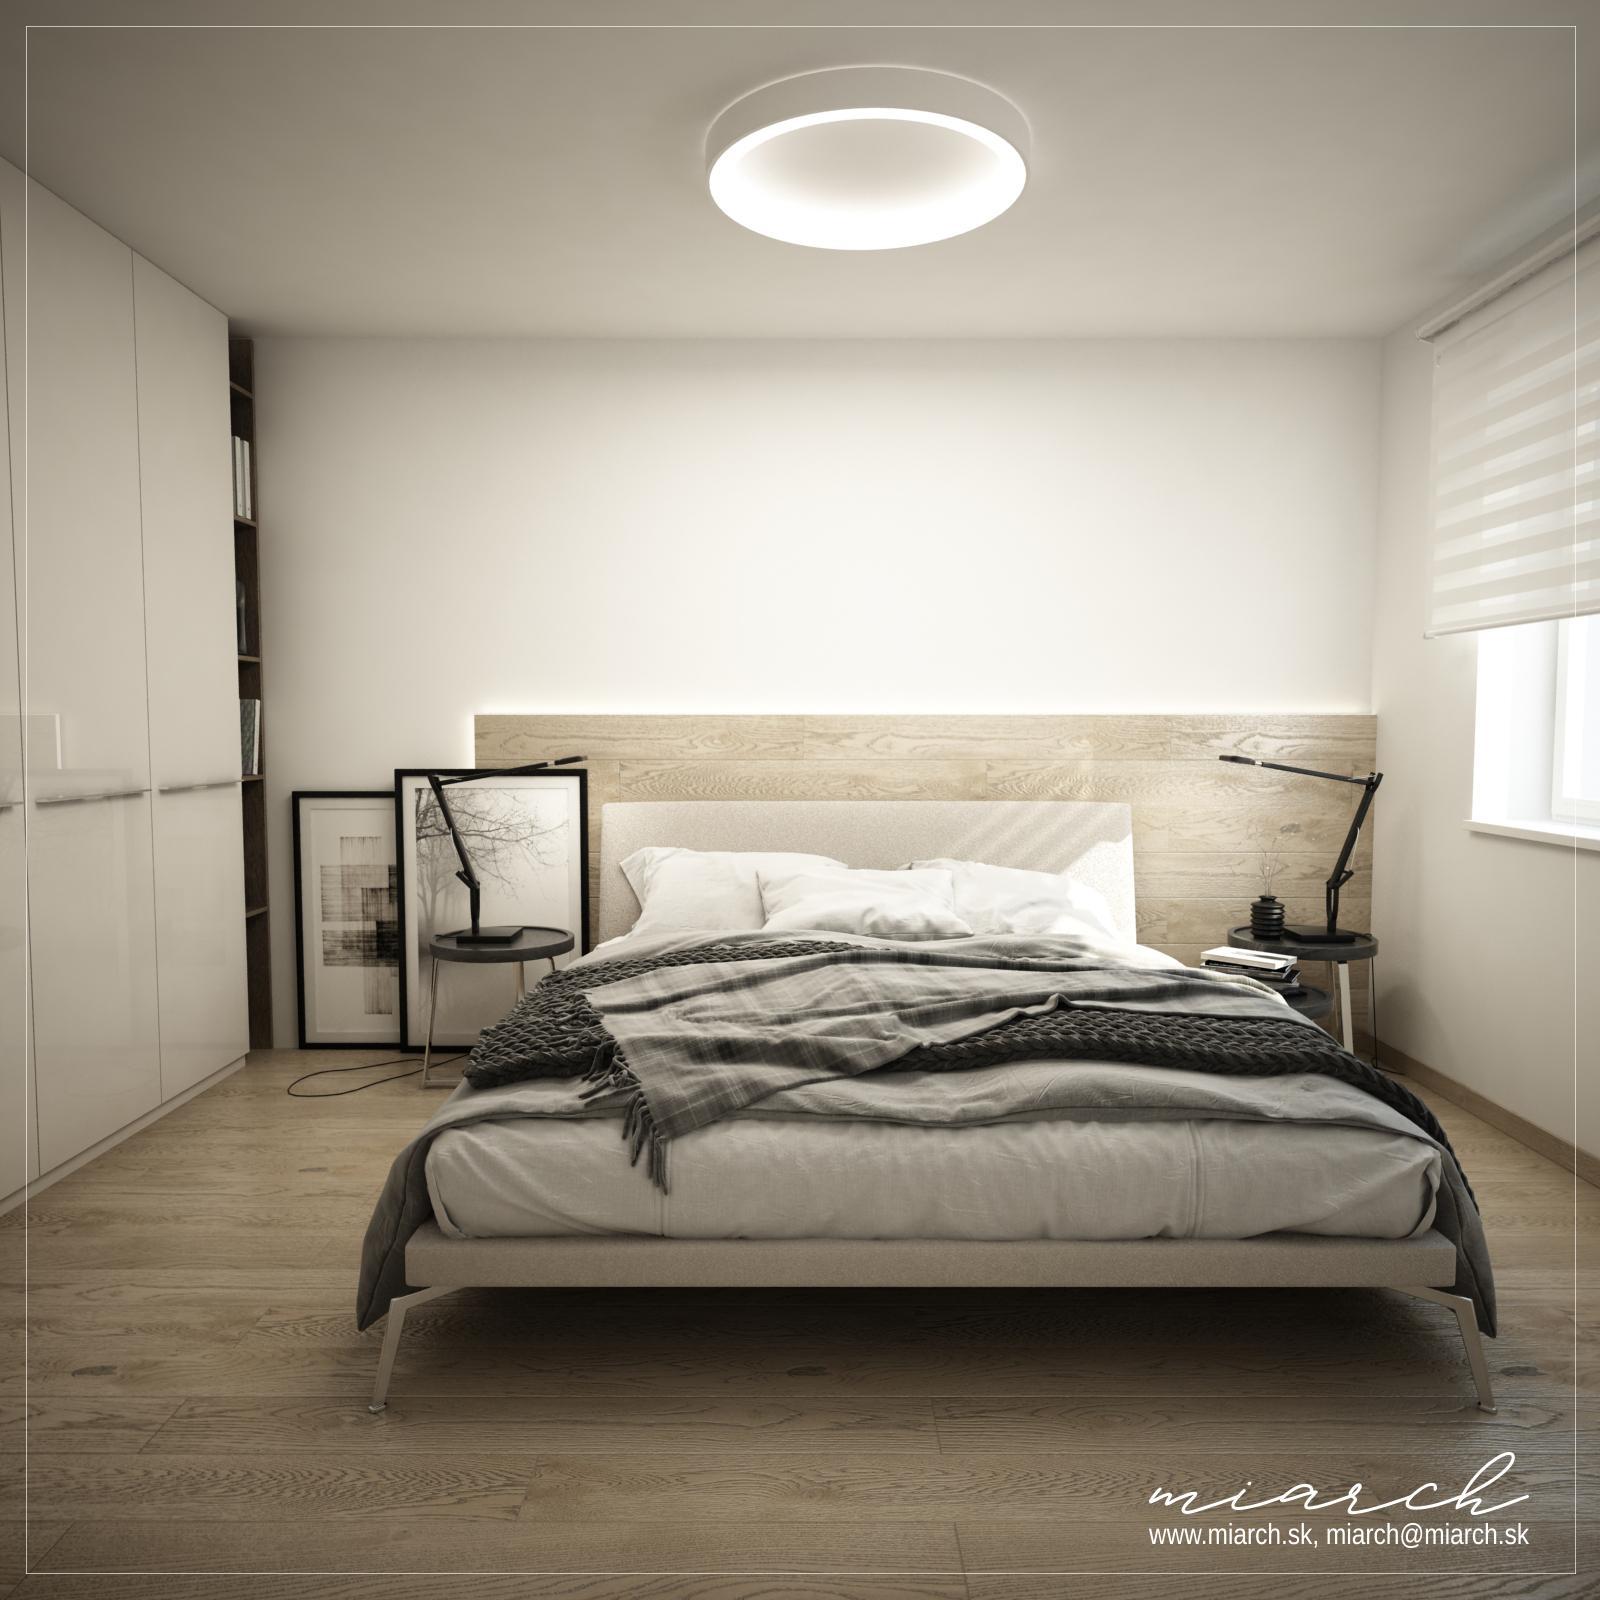 Návrh interiéru - Hamuliakovo - Obrázok č. 10